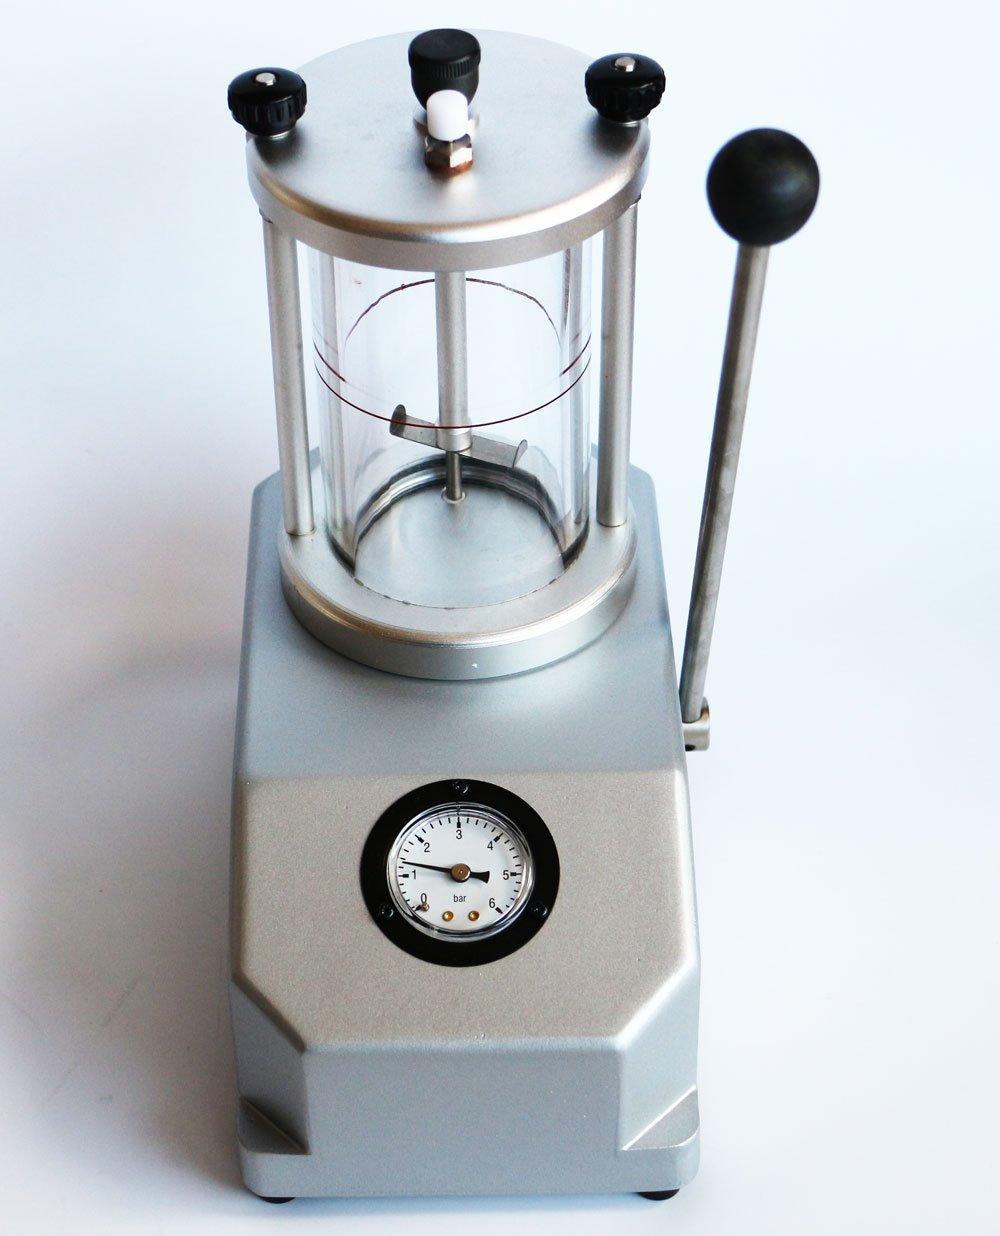 Armbanduhr Uhr Wasserdichtheitstest Werkzeug Watch Machine Uhr wasserdicht testen Test 6 ATM Watch Waterproof Tester